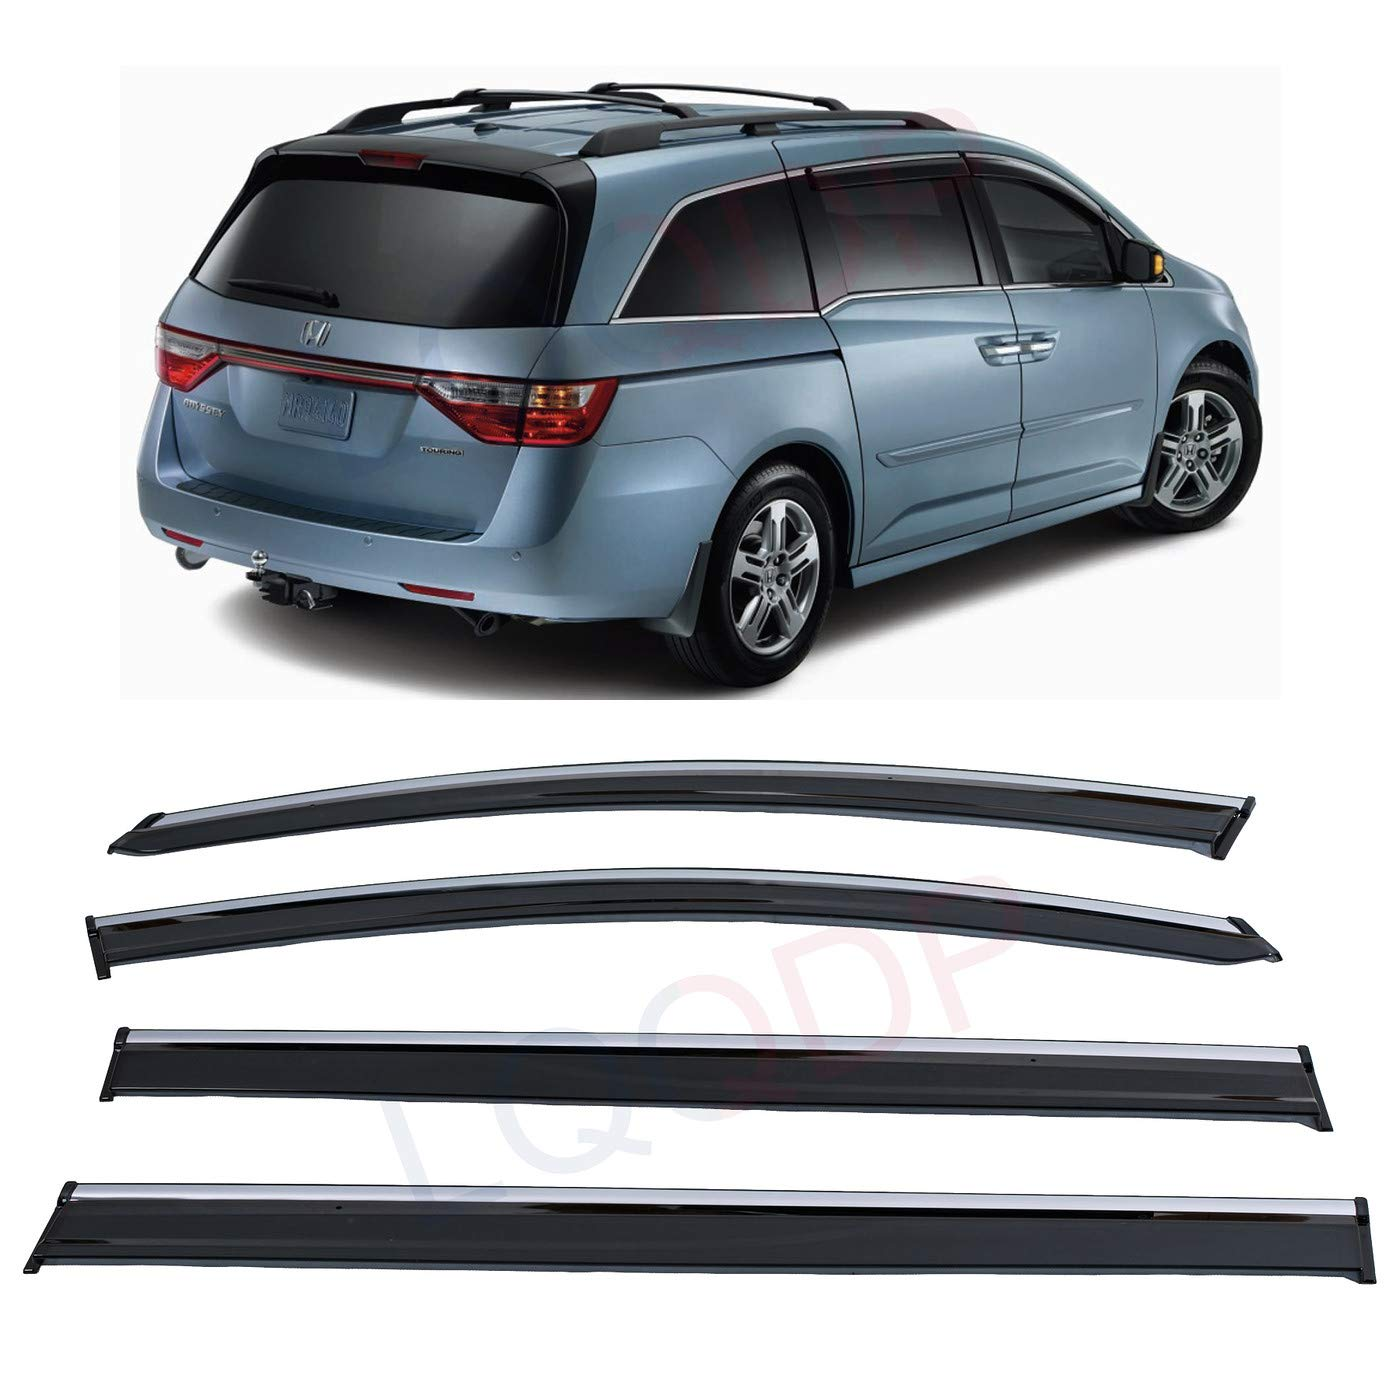 LQQDP 4pcs Smoke Tint With Chrome Trim Outside Mount Tape On//Clip On Style PVC Sun Rain Guard Vent Window Visors Fit 11-17 Honda Odyssey RL5